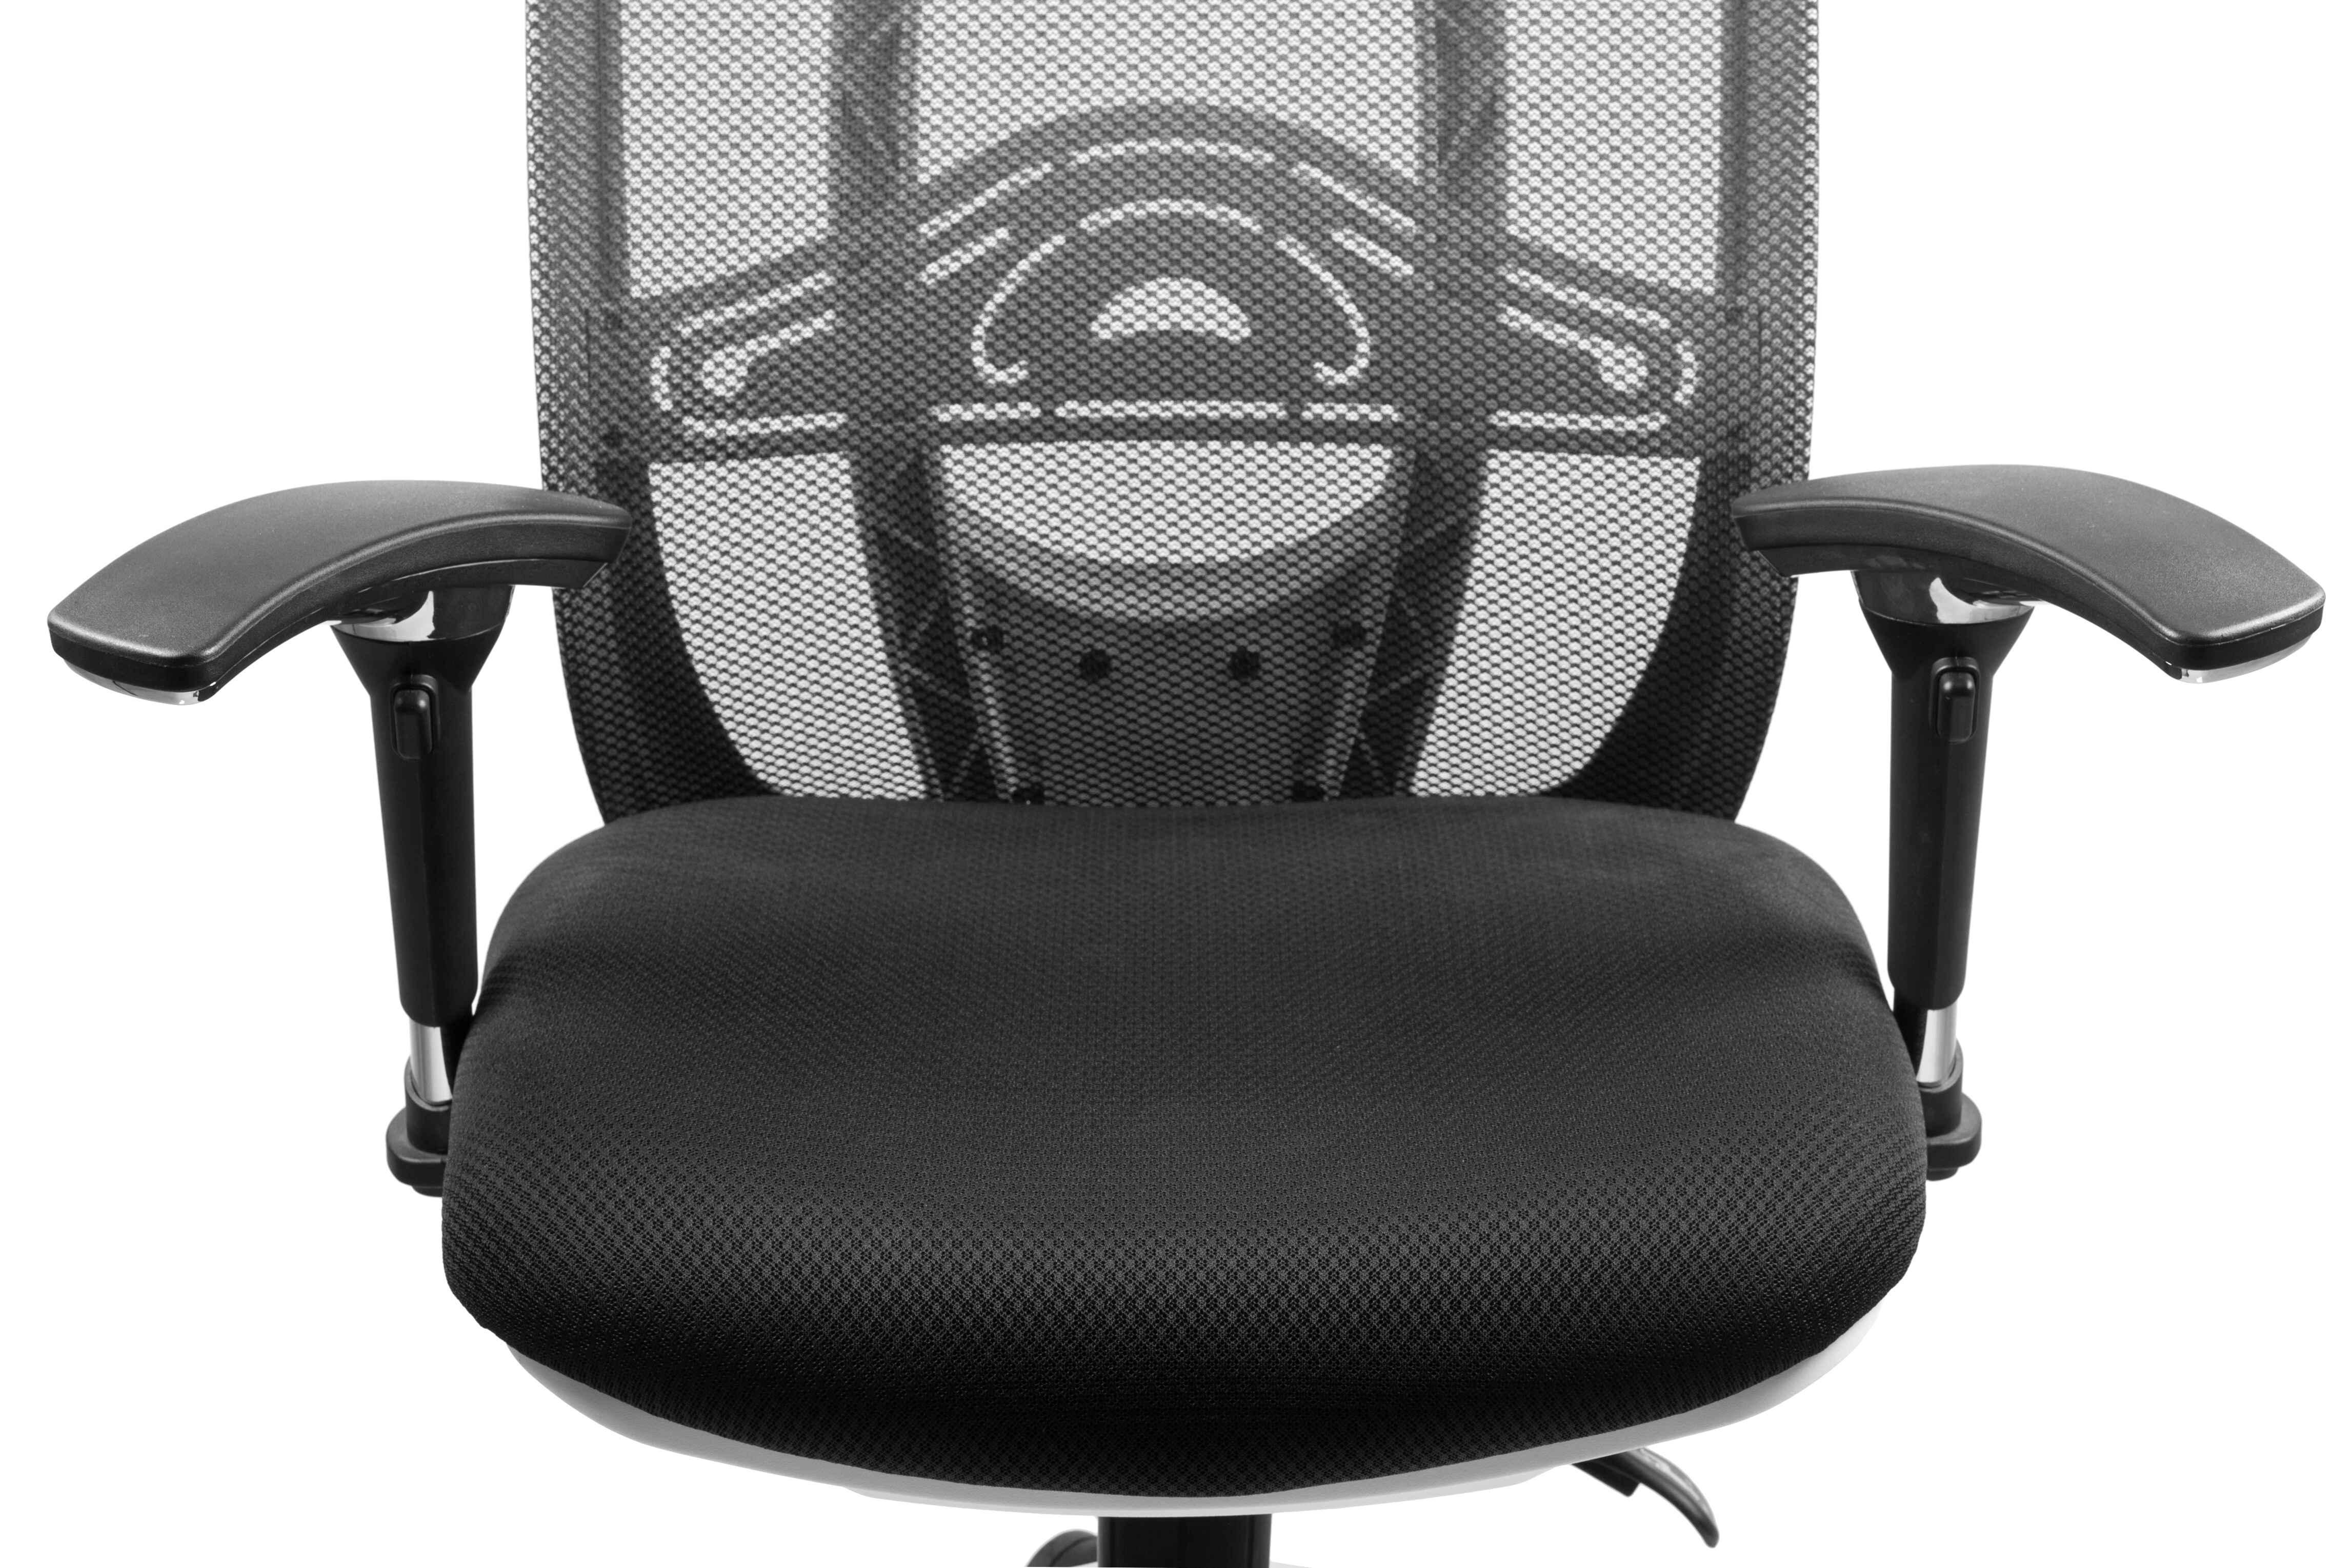 где купить удобное сеточное кресло для компьютера